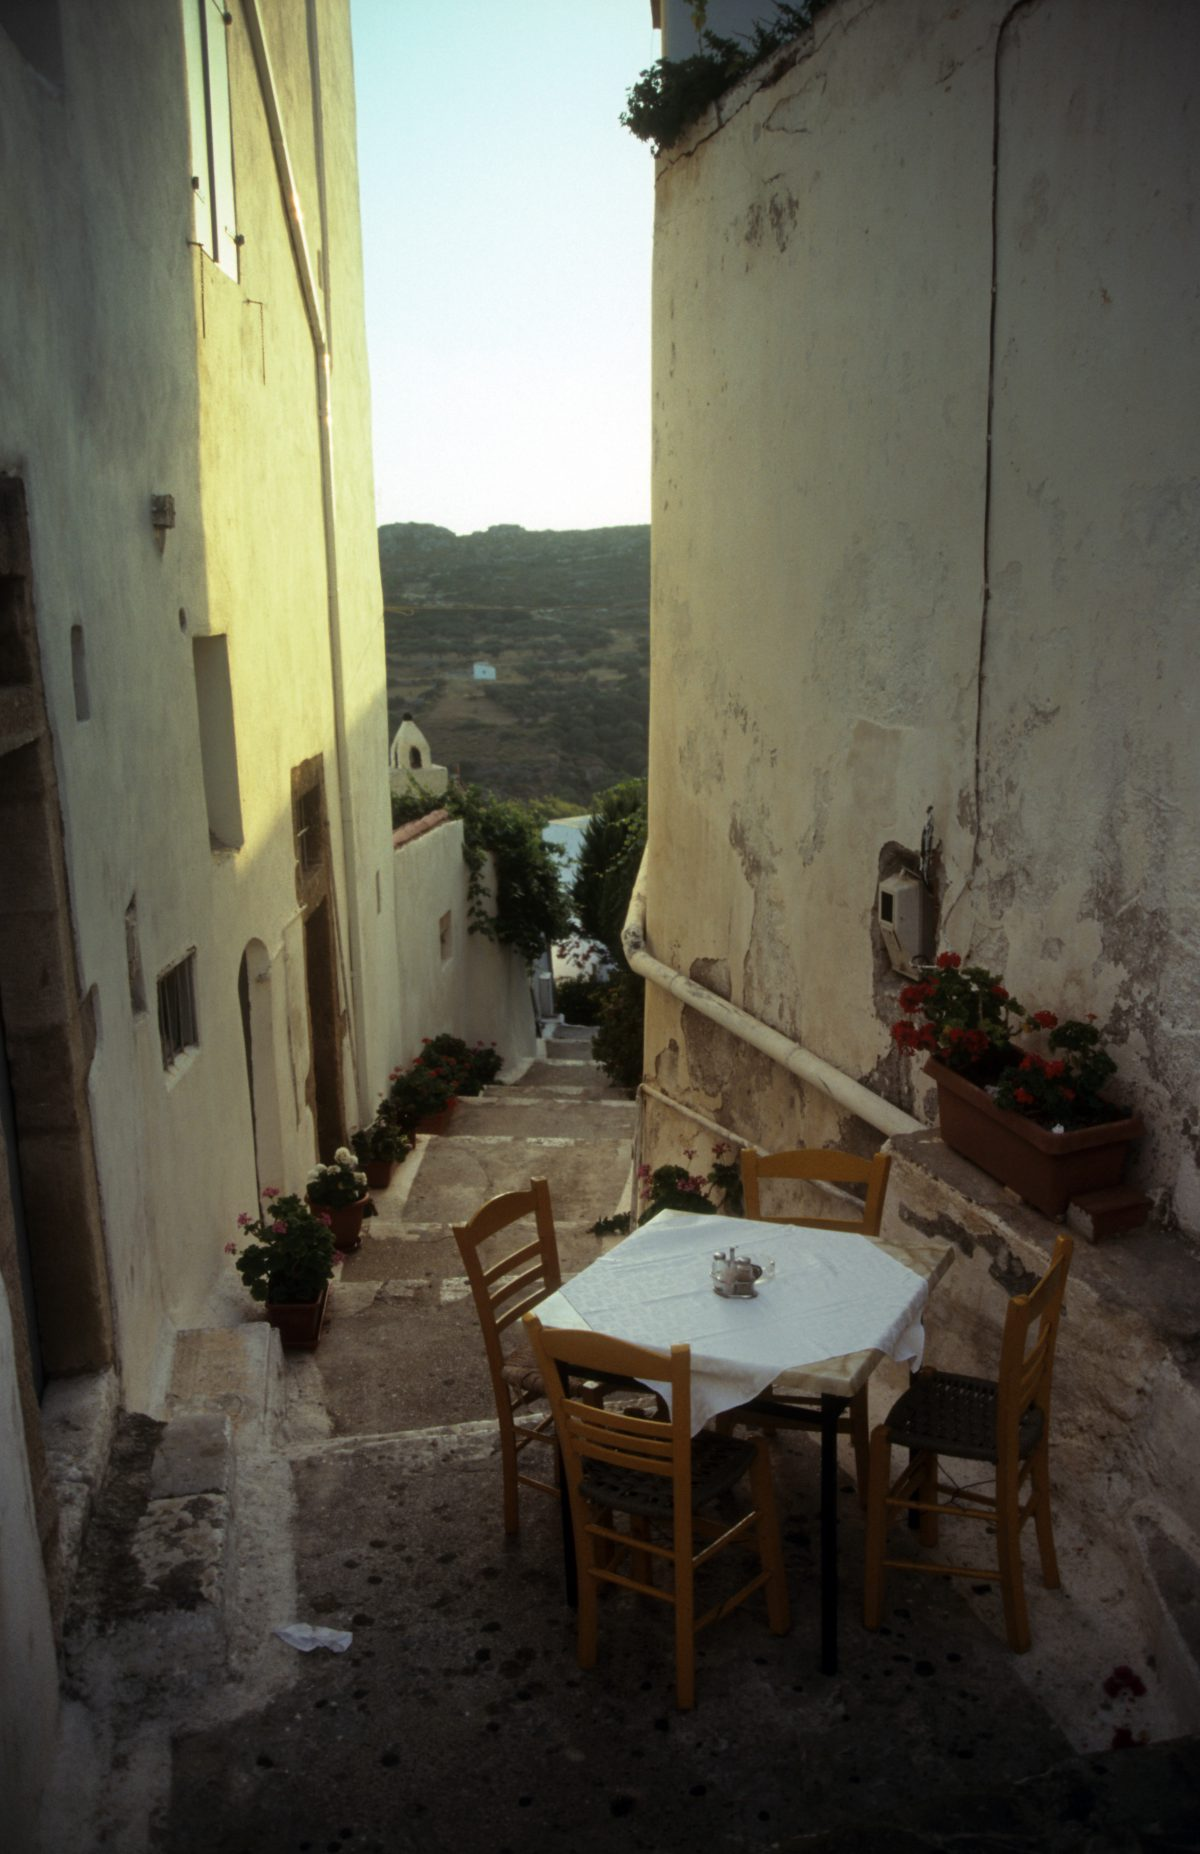 restaurant, alley